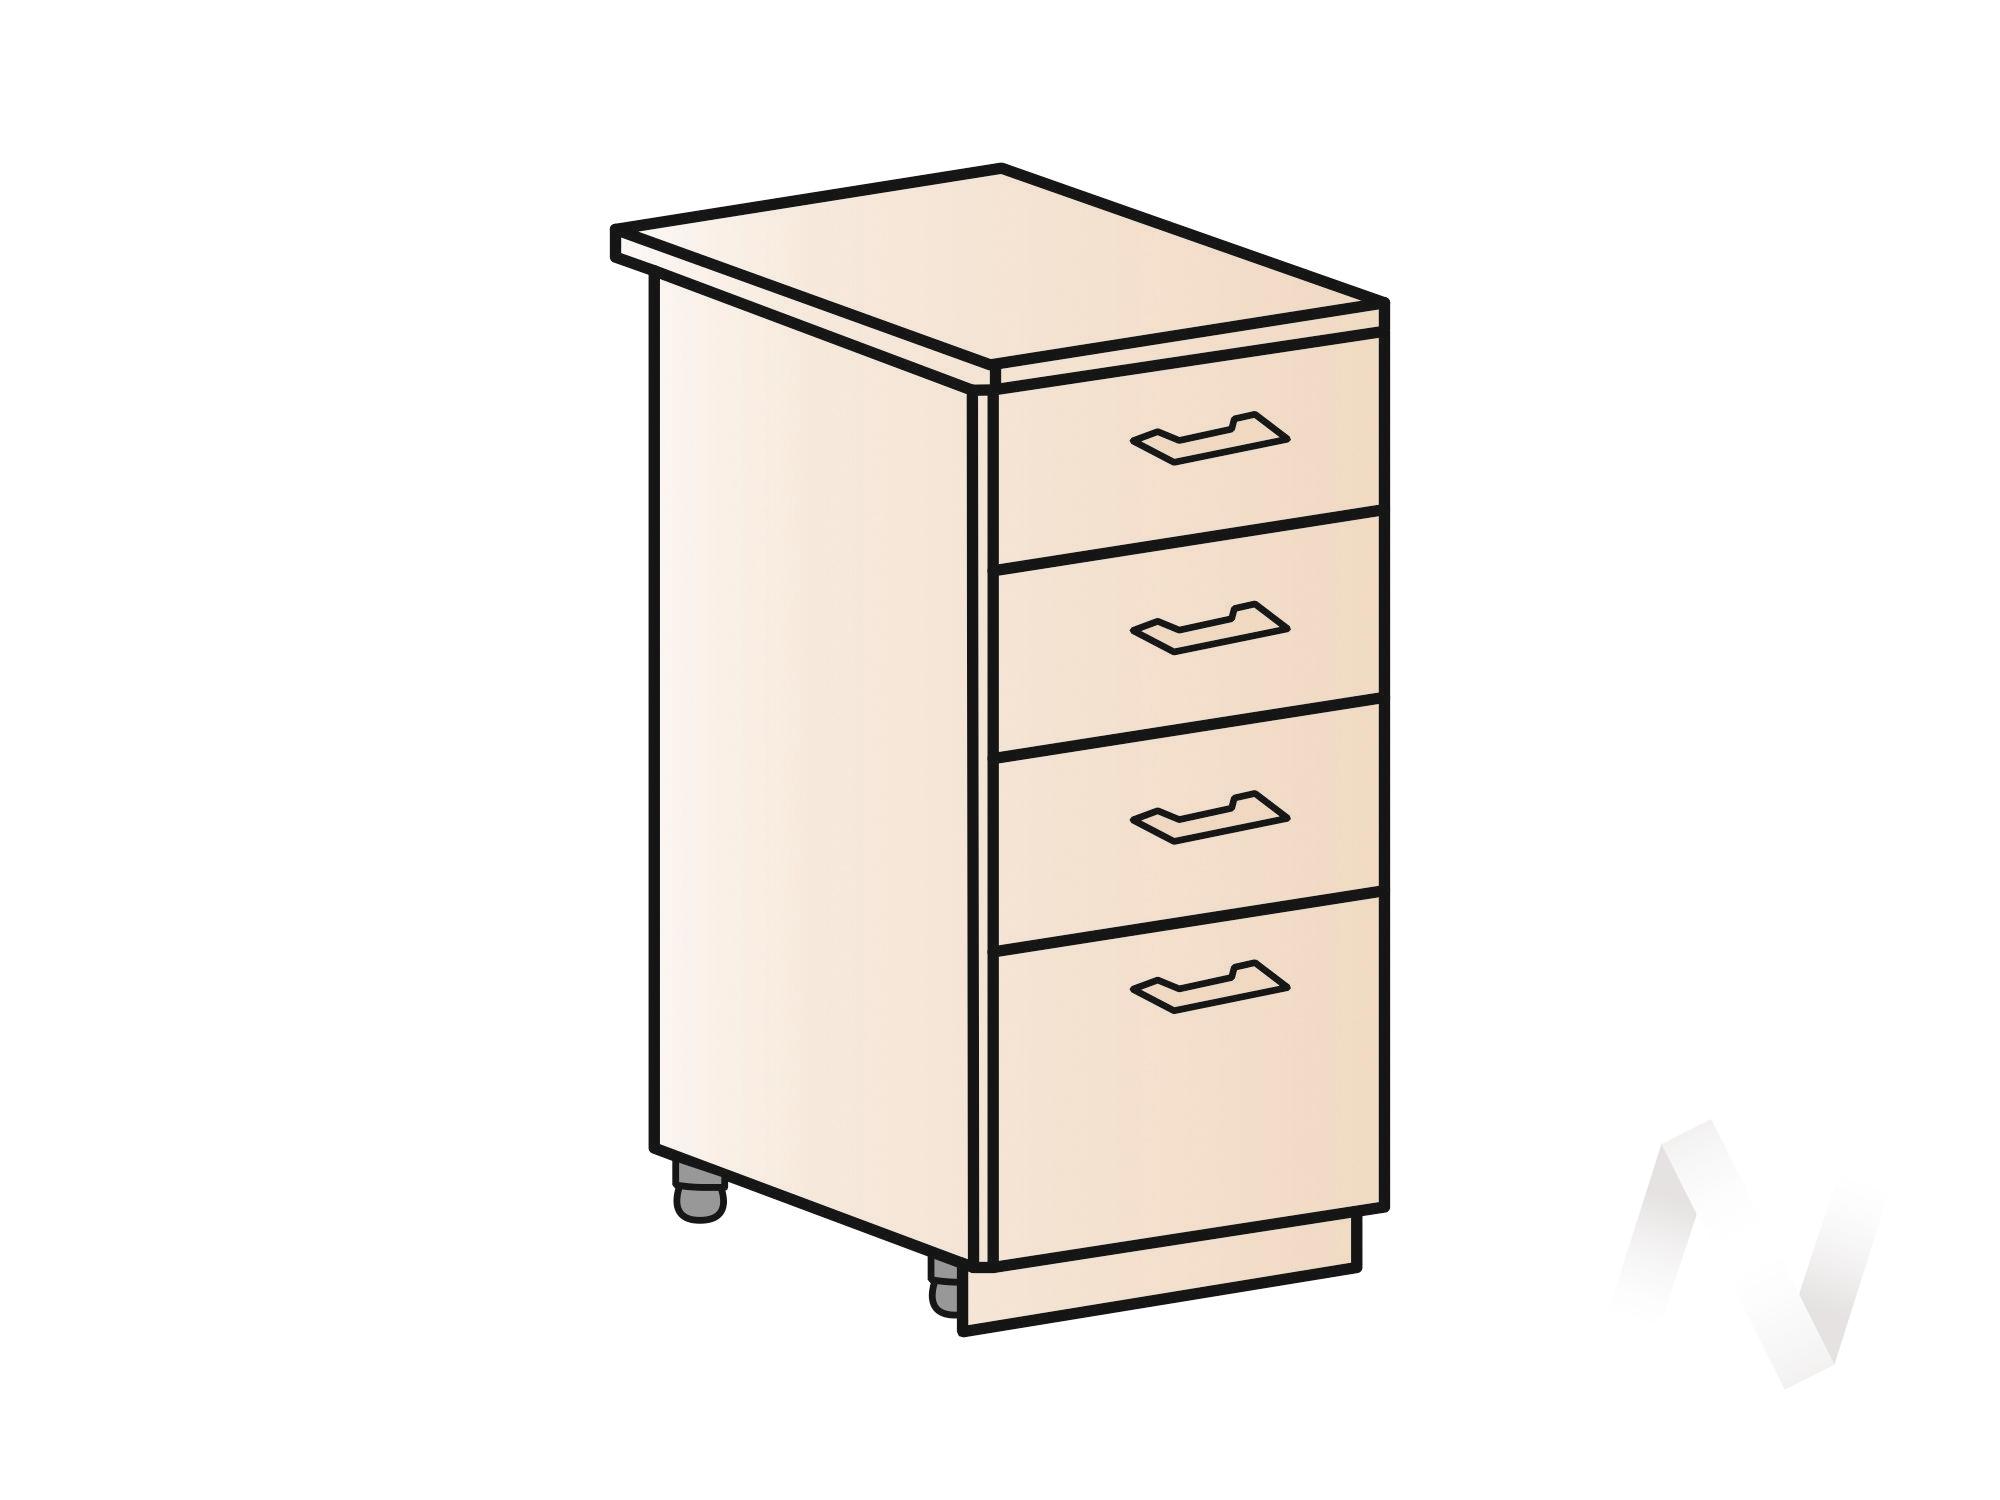 """Кухня """"Люкс"""": Шкаф нижний с 4-мя ящиками 400, ШН4Я 400 (Шоколад матовый/корпус венге) в Томске — авторская мебель Экостиль"""